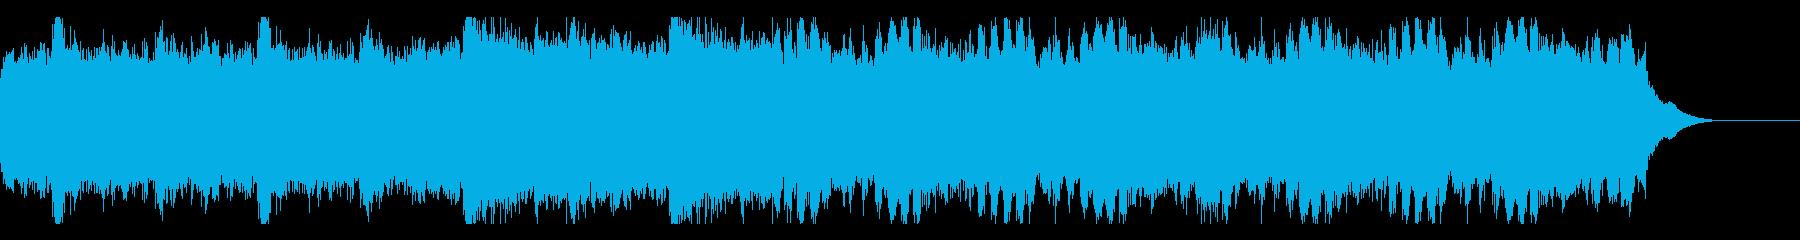 始まりを感じさせるピアノストリングスの再生済みの波形